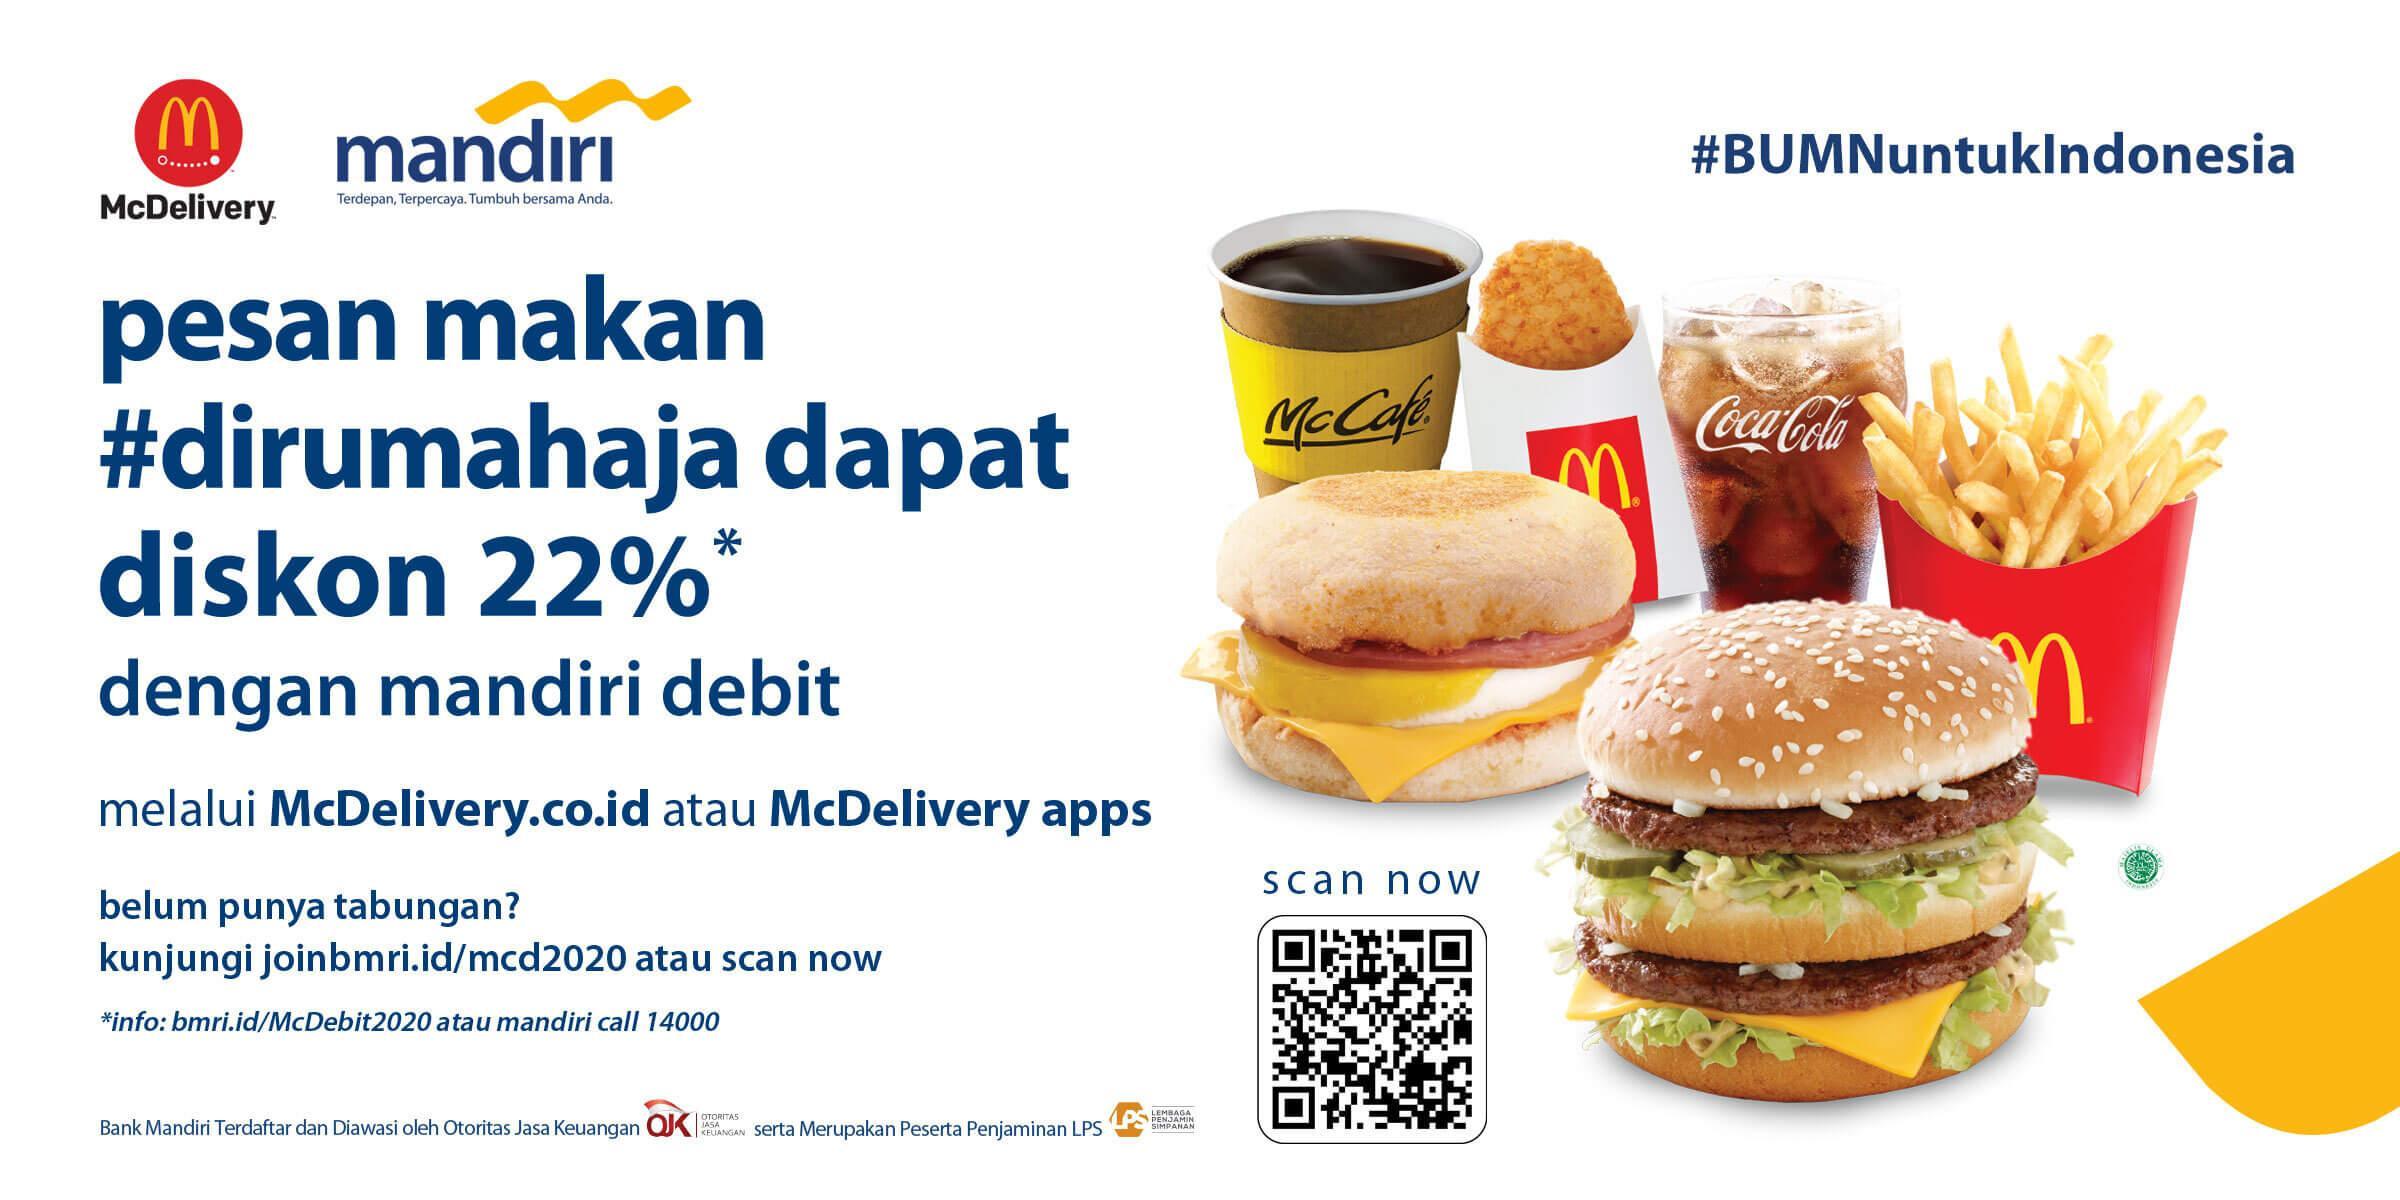 Mcdonald S Indonesia Pesan Makan Dirumahaja Dapat Diskon 22 Dengan Mandiri Debit Berlogo Visa